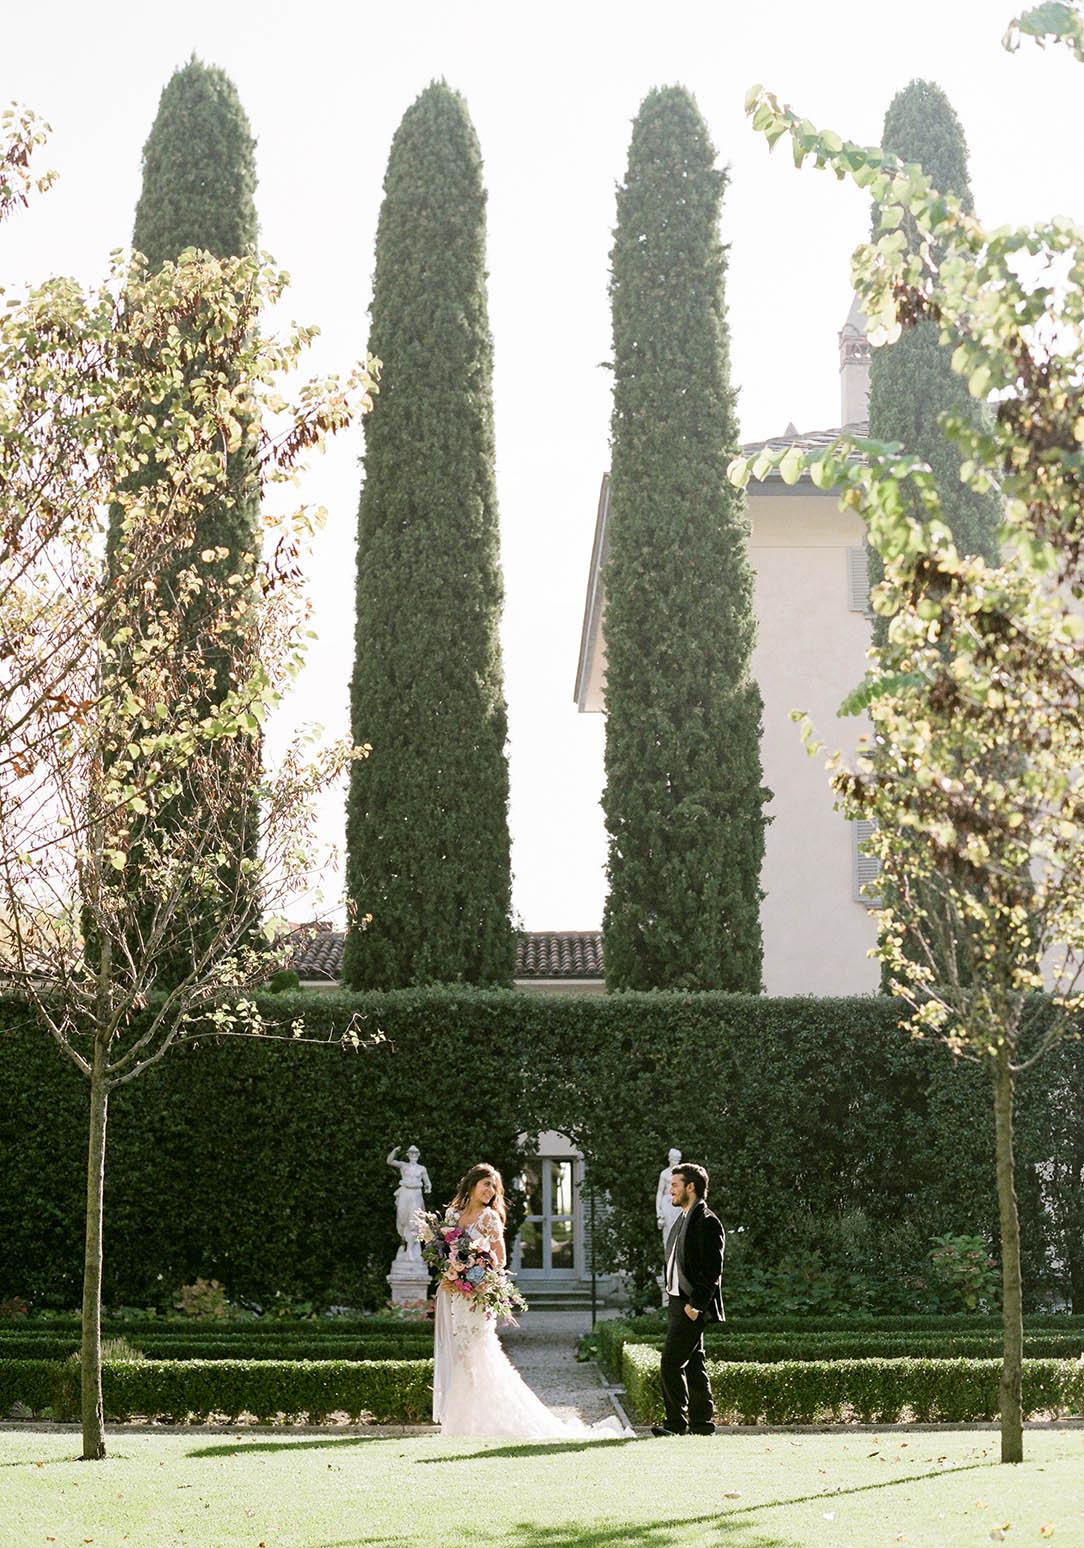 villa balbiano cypress trees